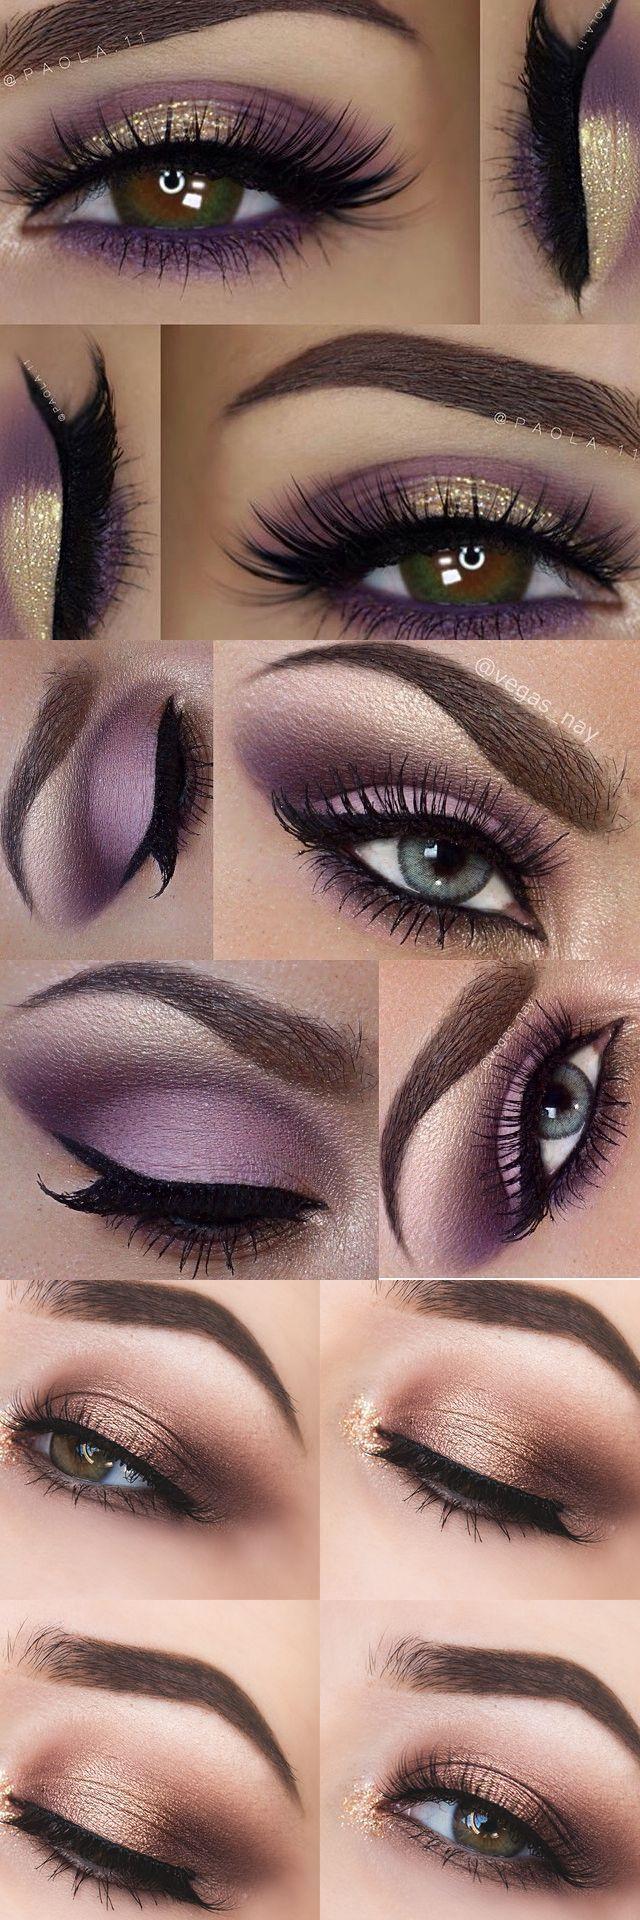 Pretty Purples https://www.youtube.com/channel/UC76YOQIJa6Gej0_FuhRQxJg